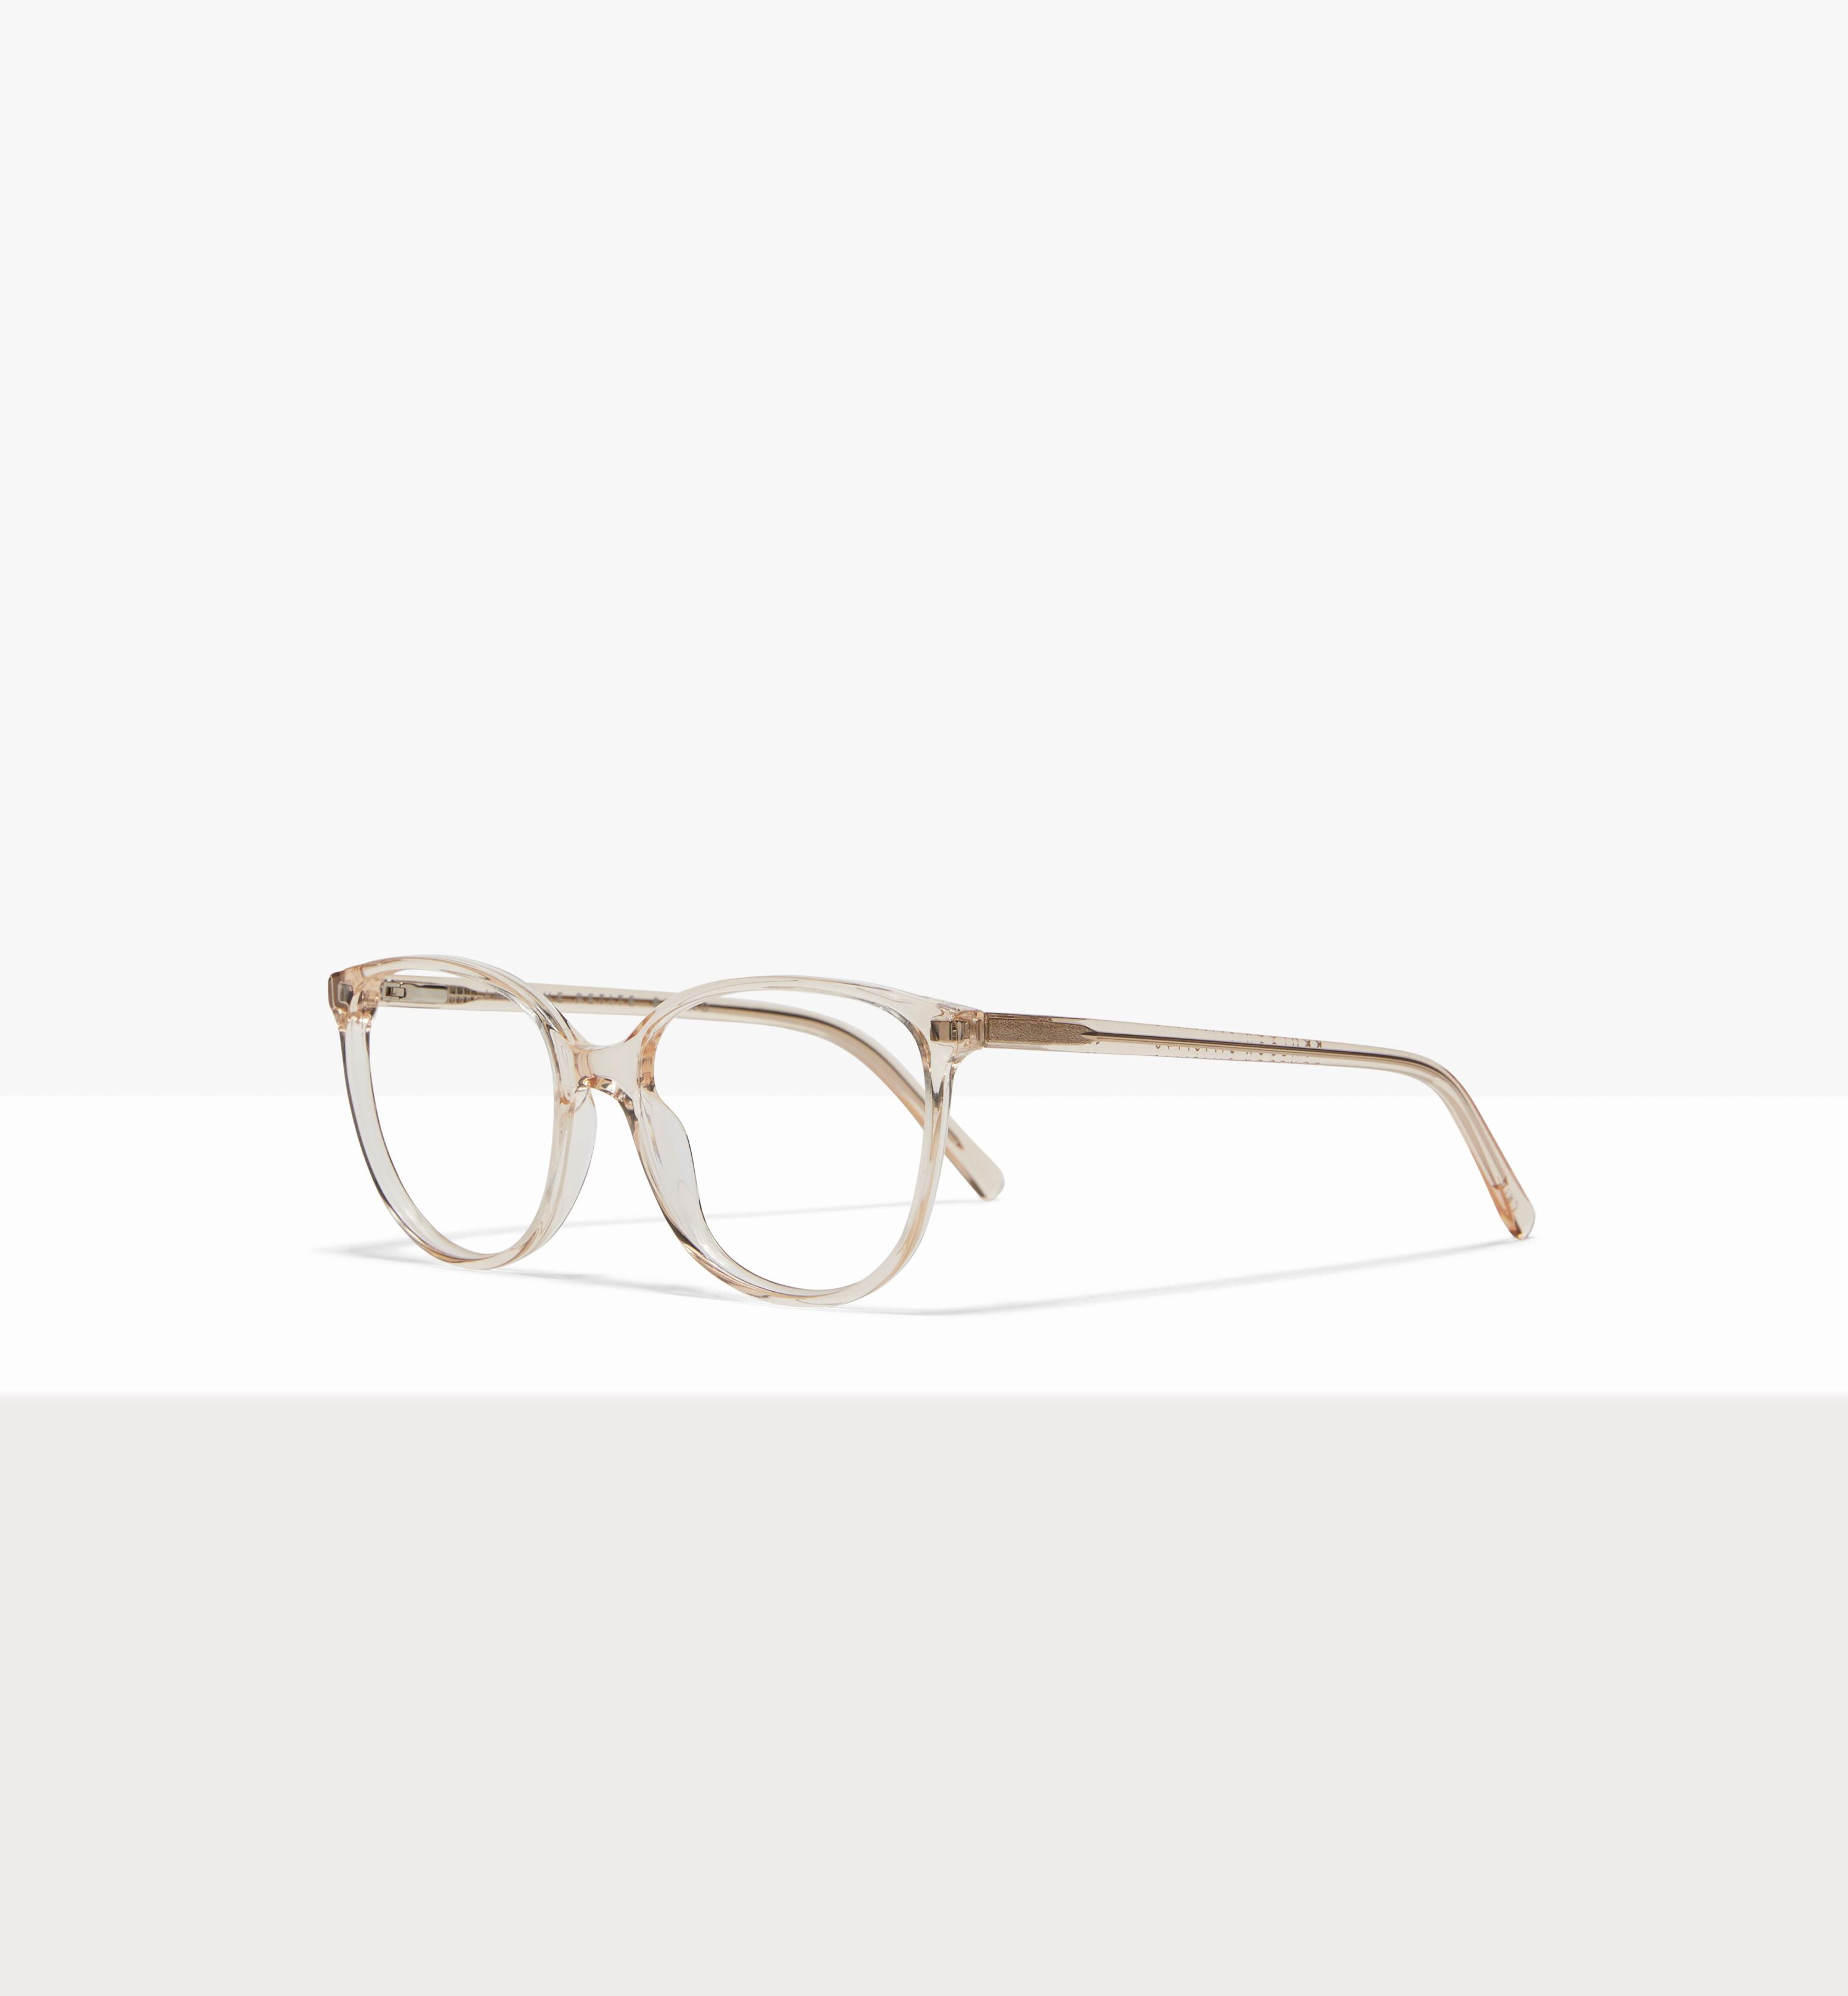 3cbe36e38424 Women eyeglasses imagine petite in blond bonlook jpg 1200x500 Bonlook womens  eyeglasses women petite frame